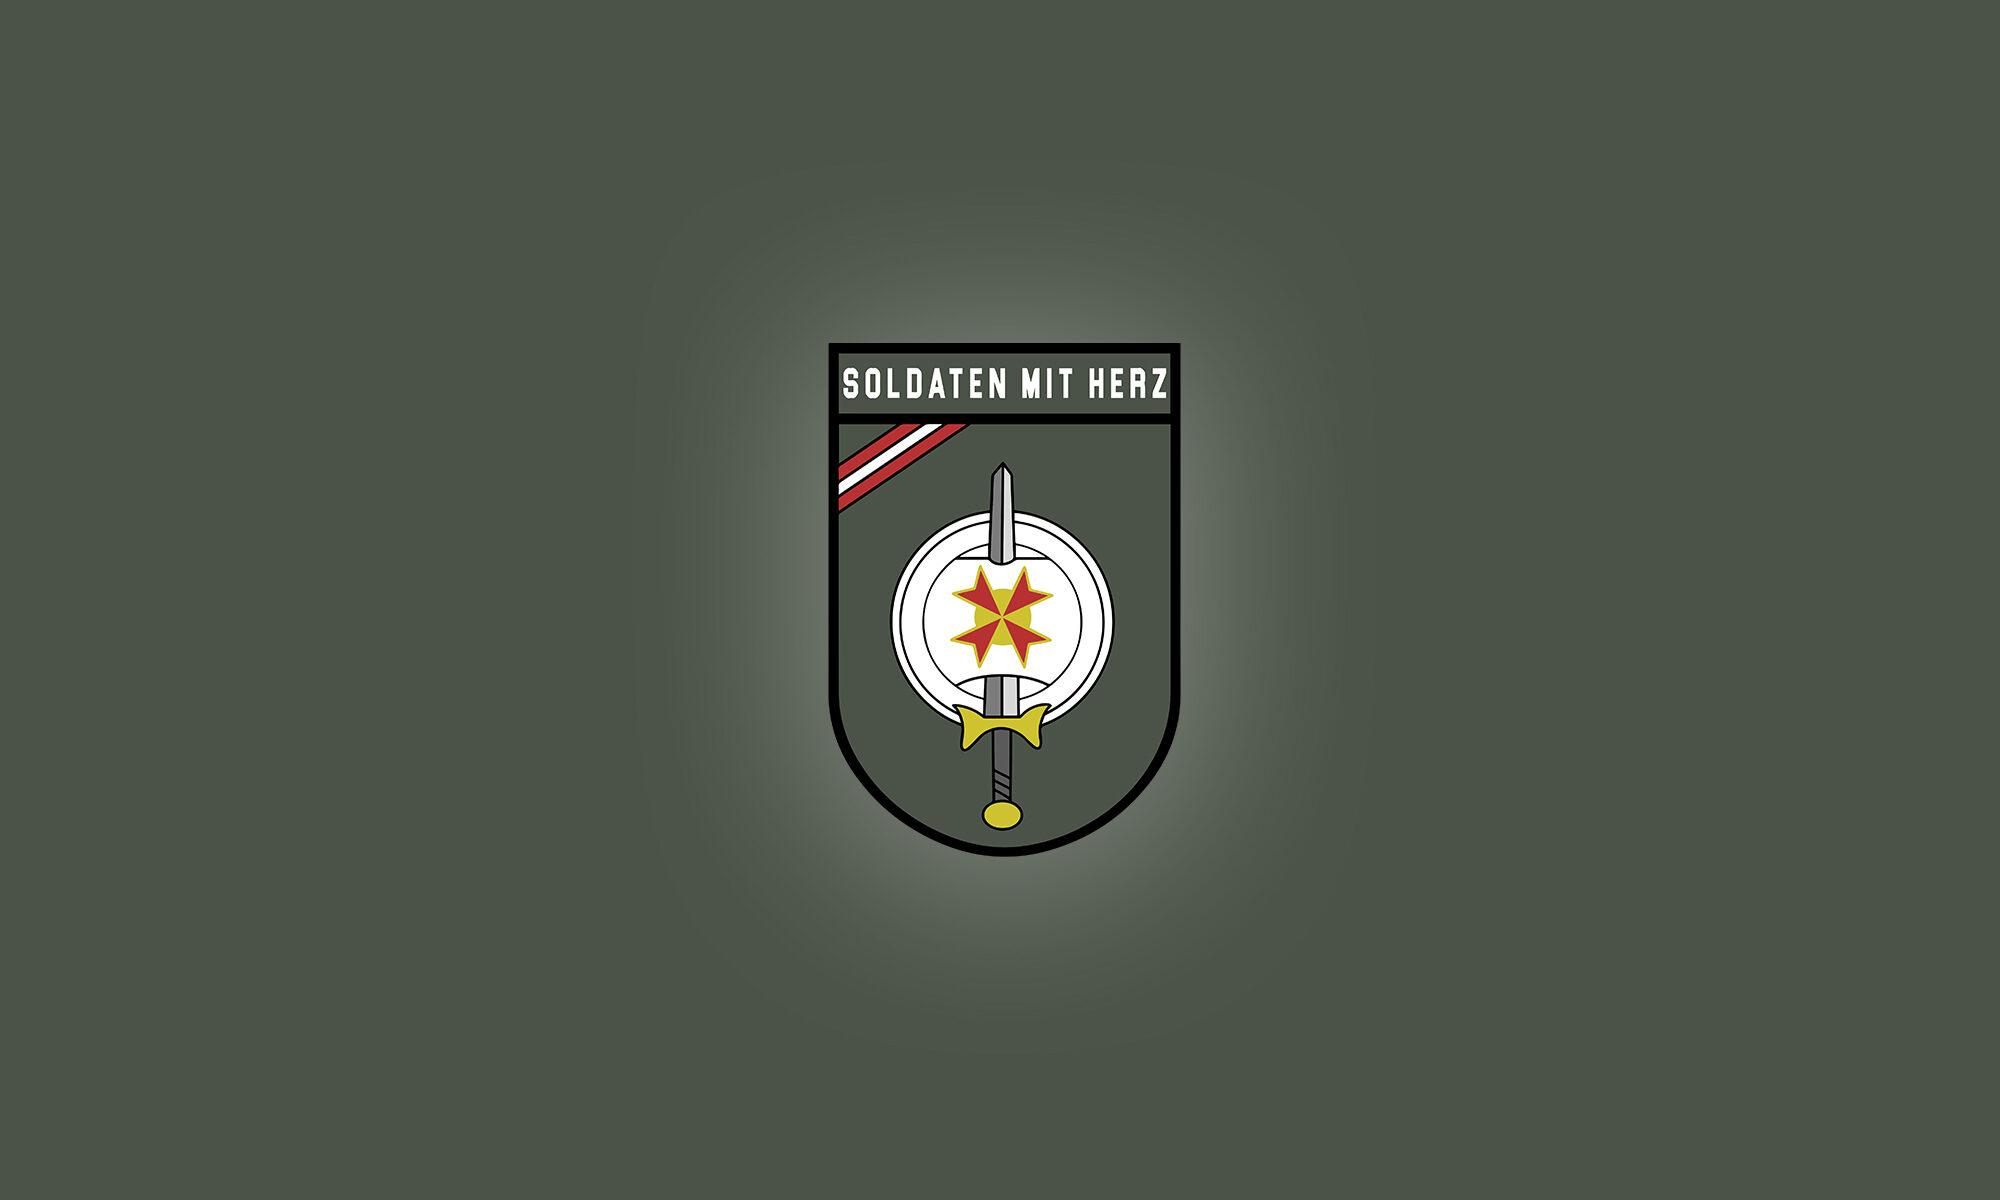 Soldaten mit Herz